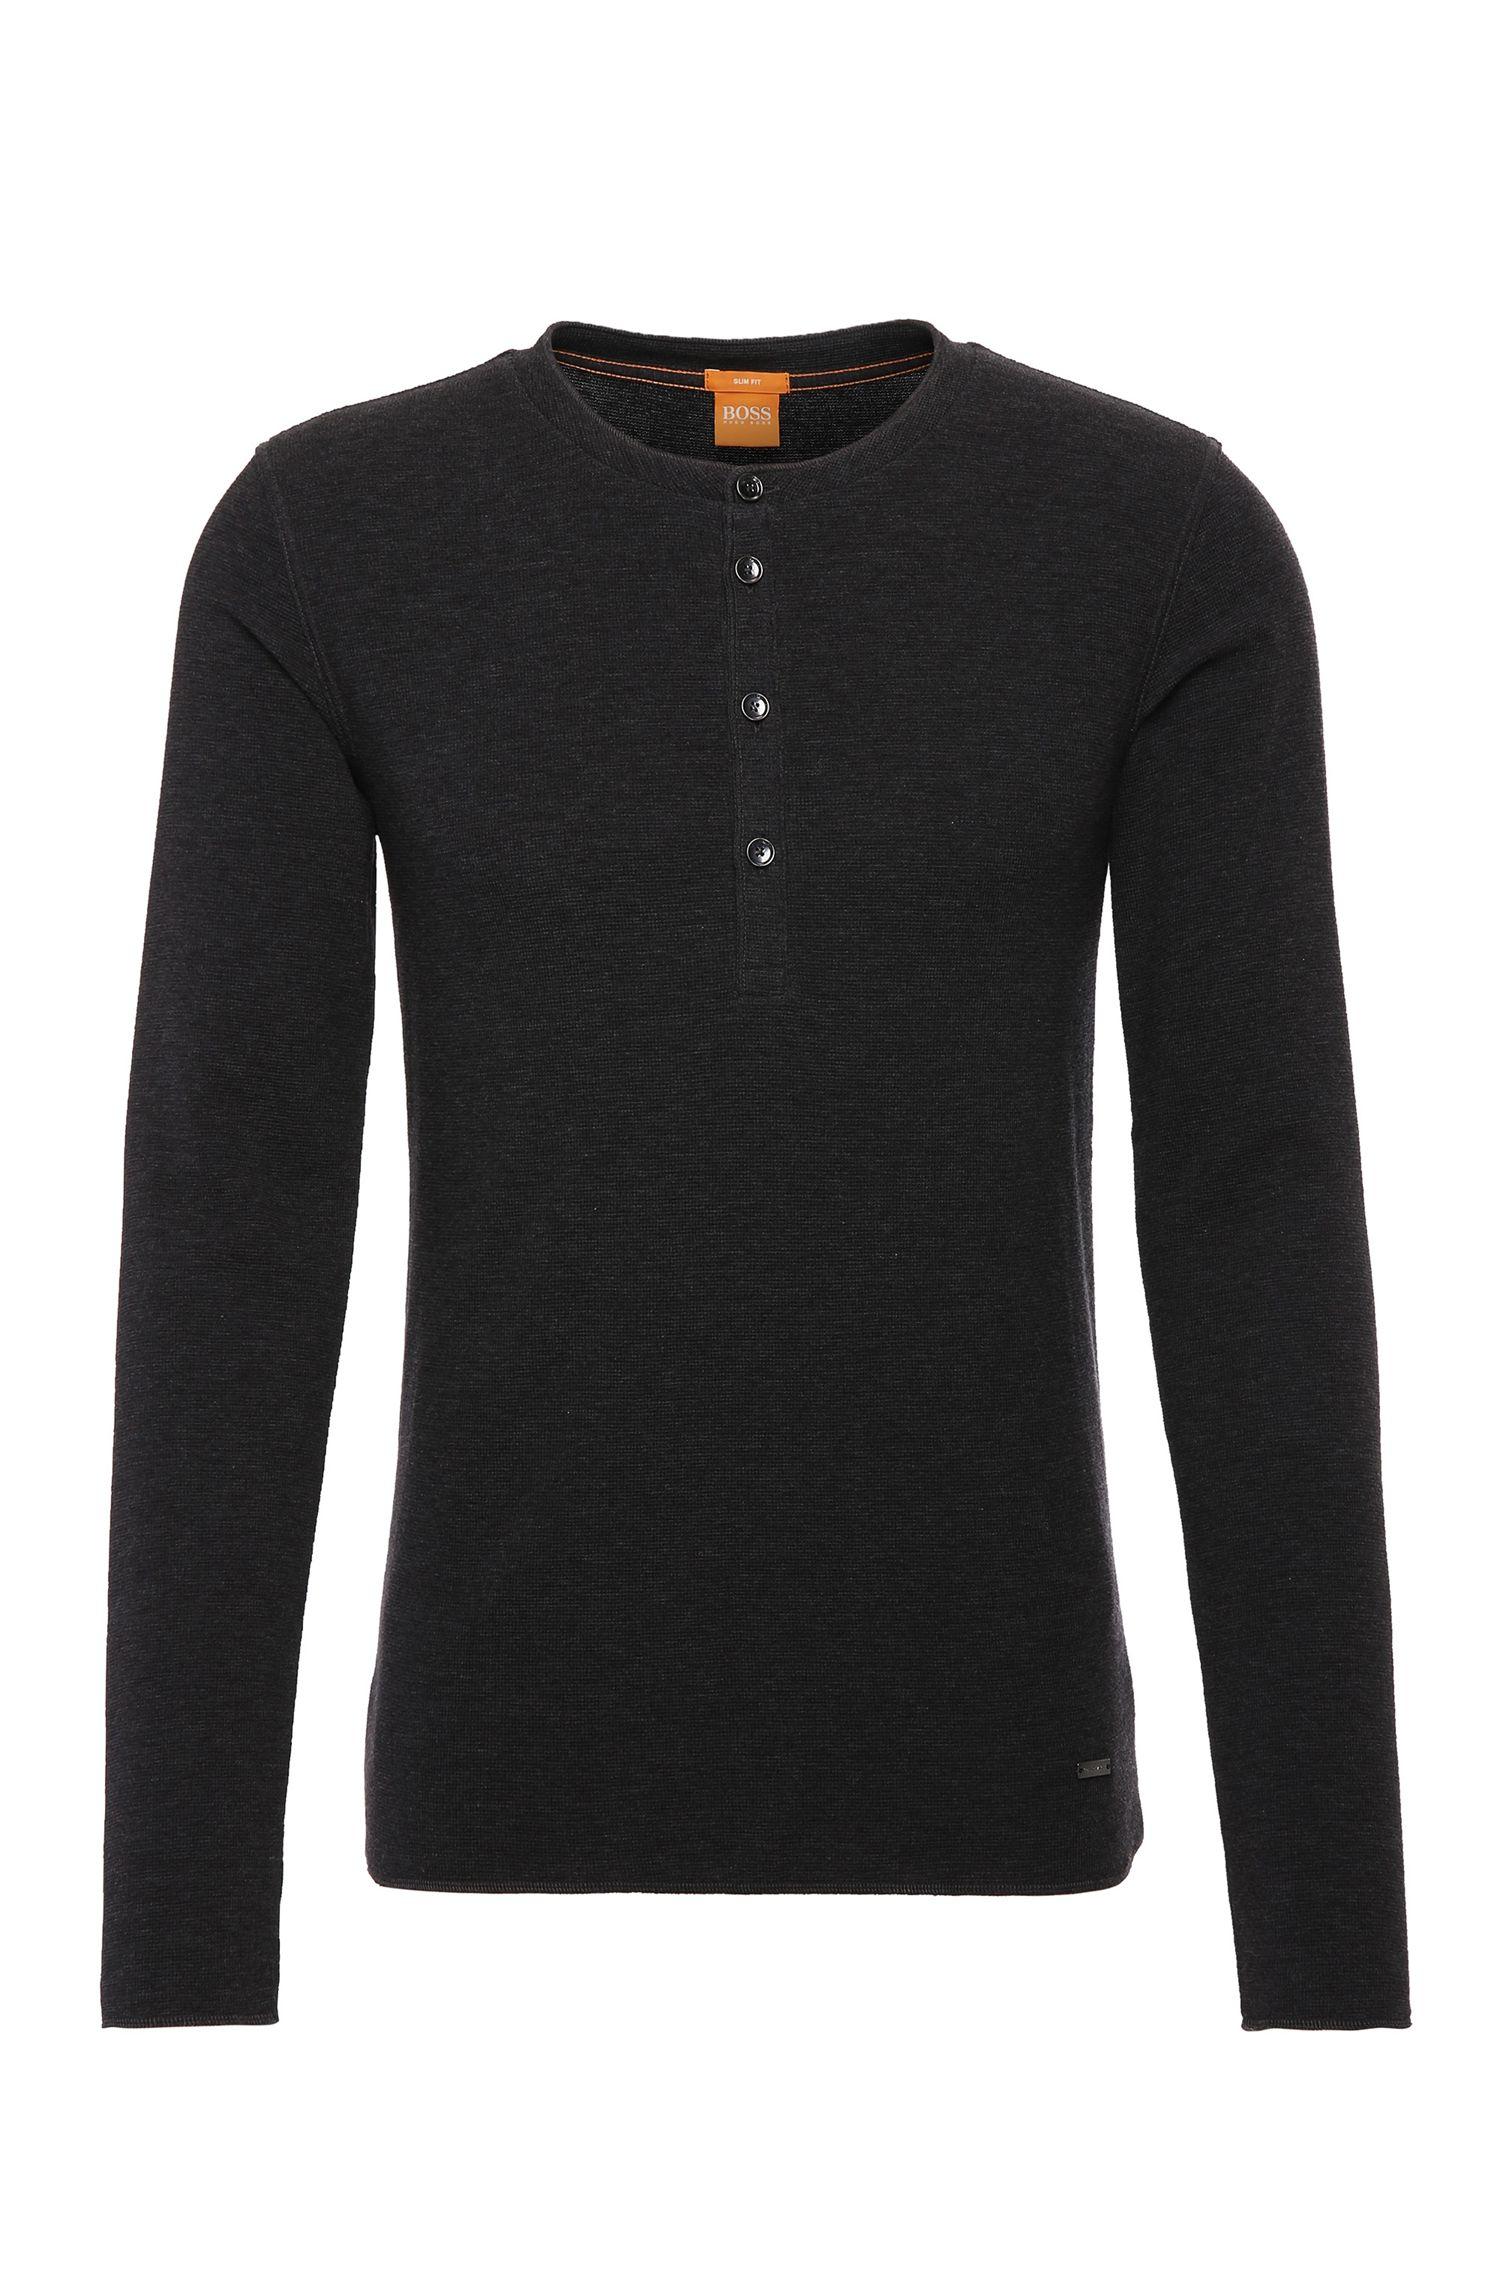 Camiseta Henley slim fit en punto de algodón sencillo